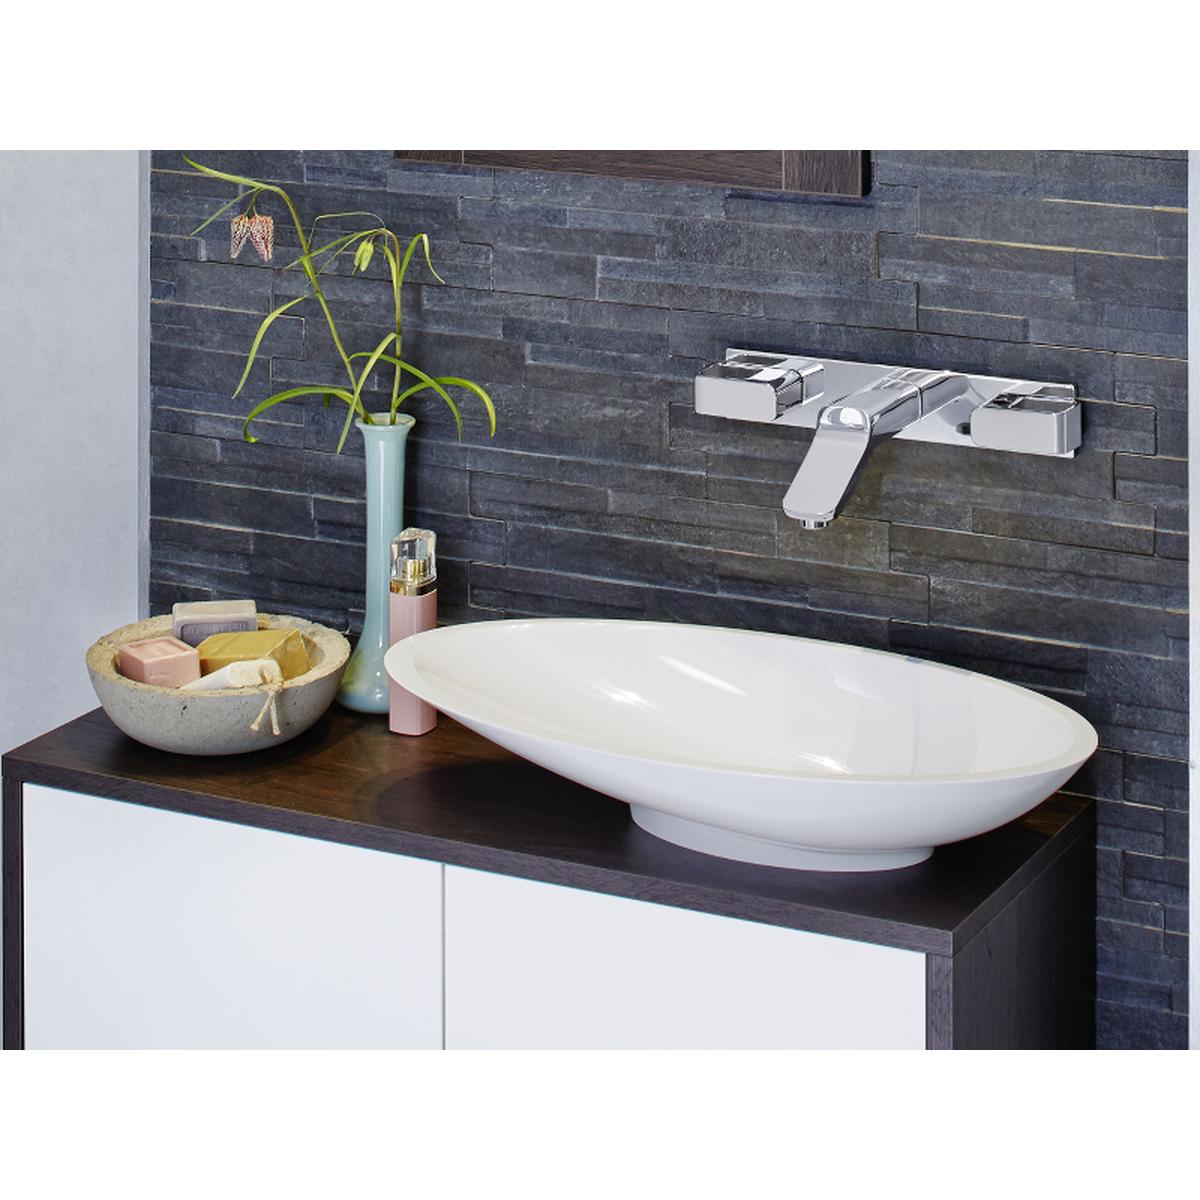 ore mineralguss aufsatzwaschbecken 59 x 31 cm wei. Black Bedroom Furniture Sets. Home Design Ideas